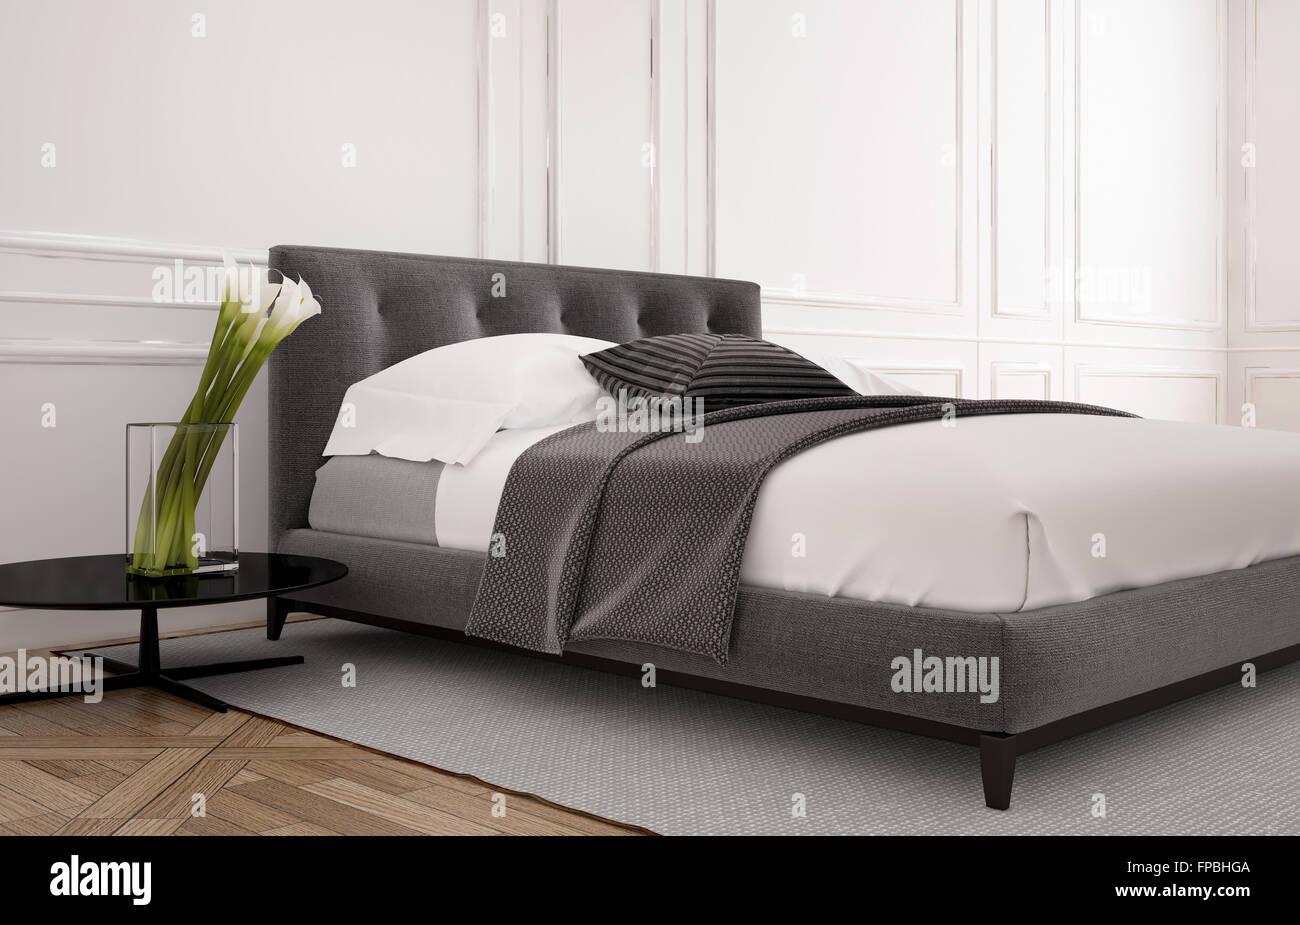 Semplice interiore camera da letto con letto doppio, pavimento in ...